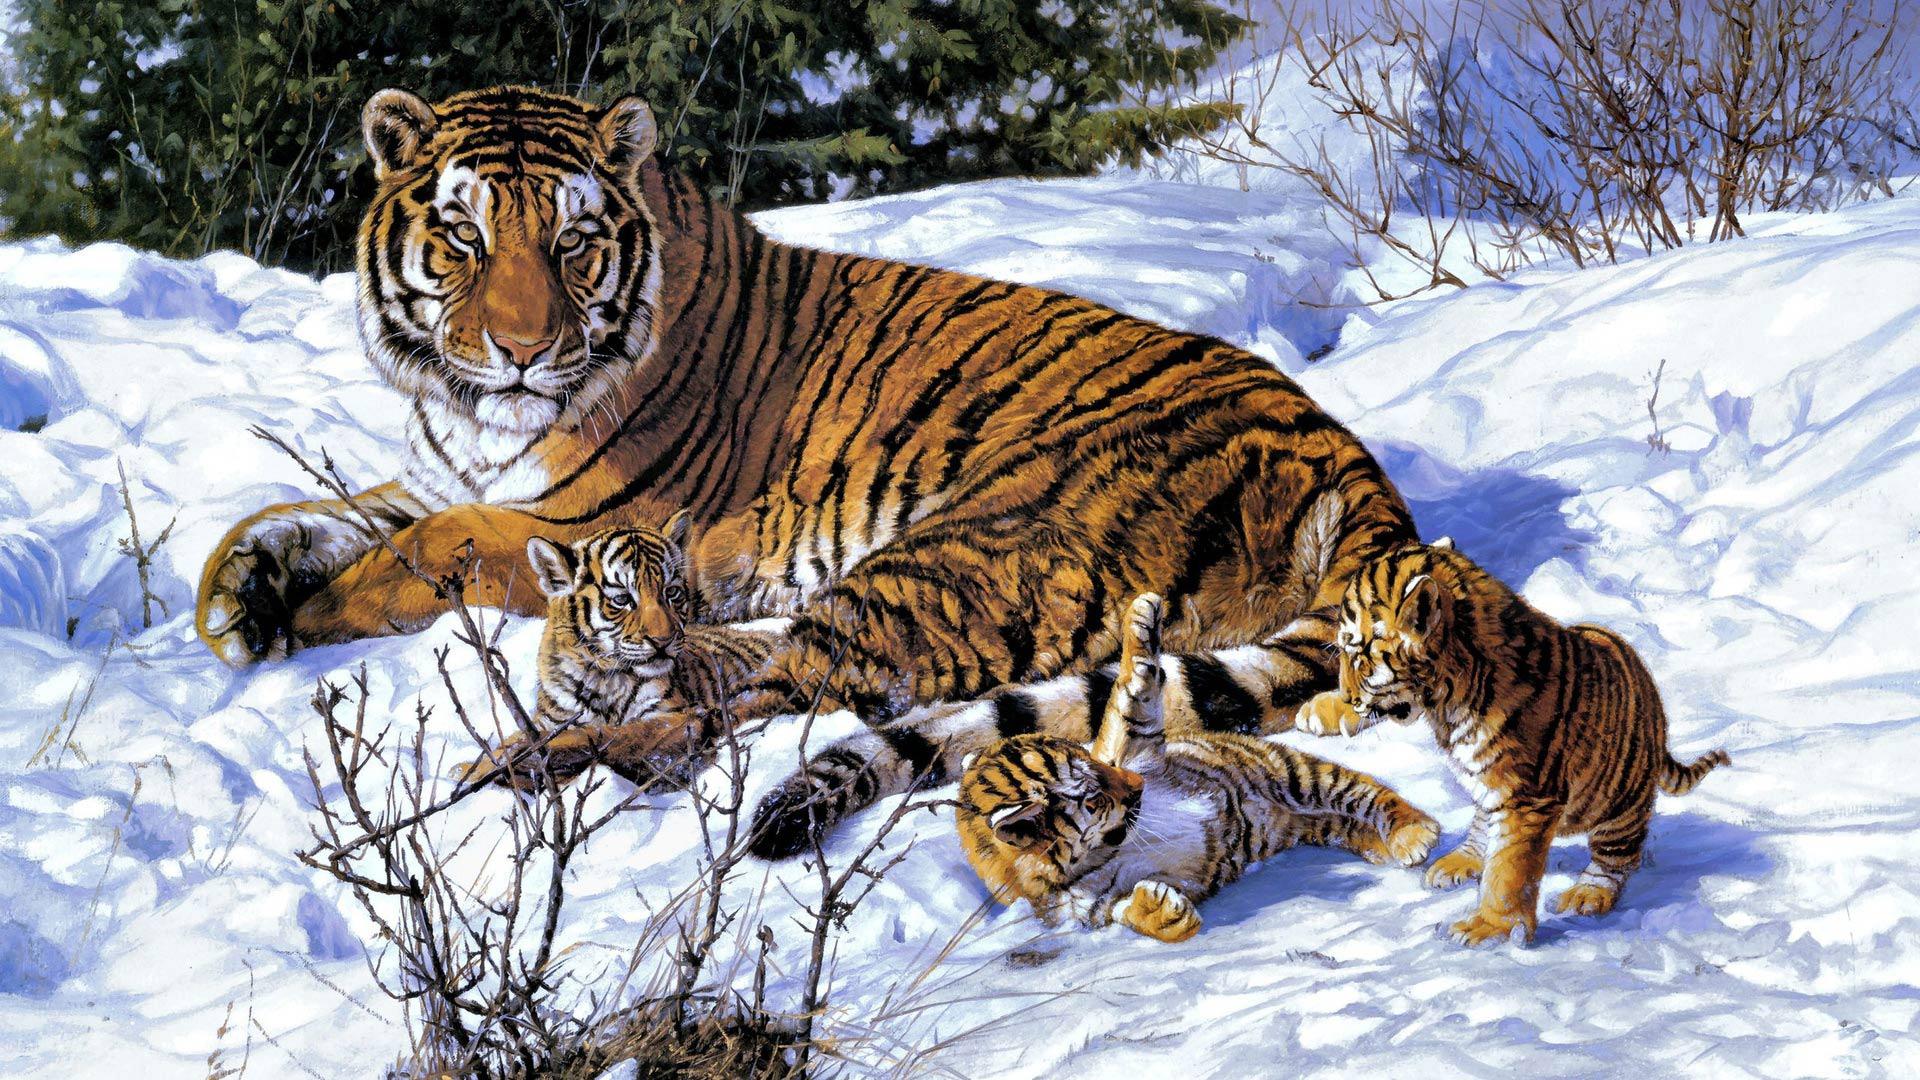 тигрята зимой фото